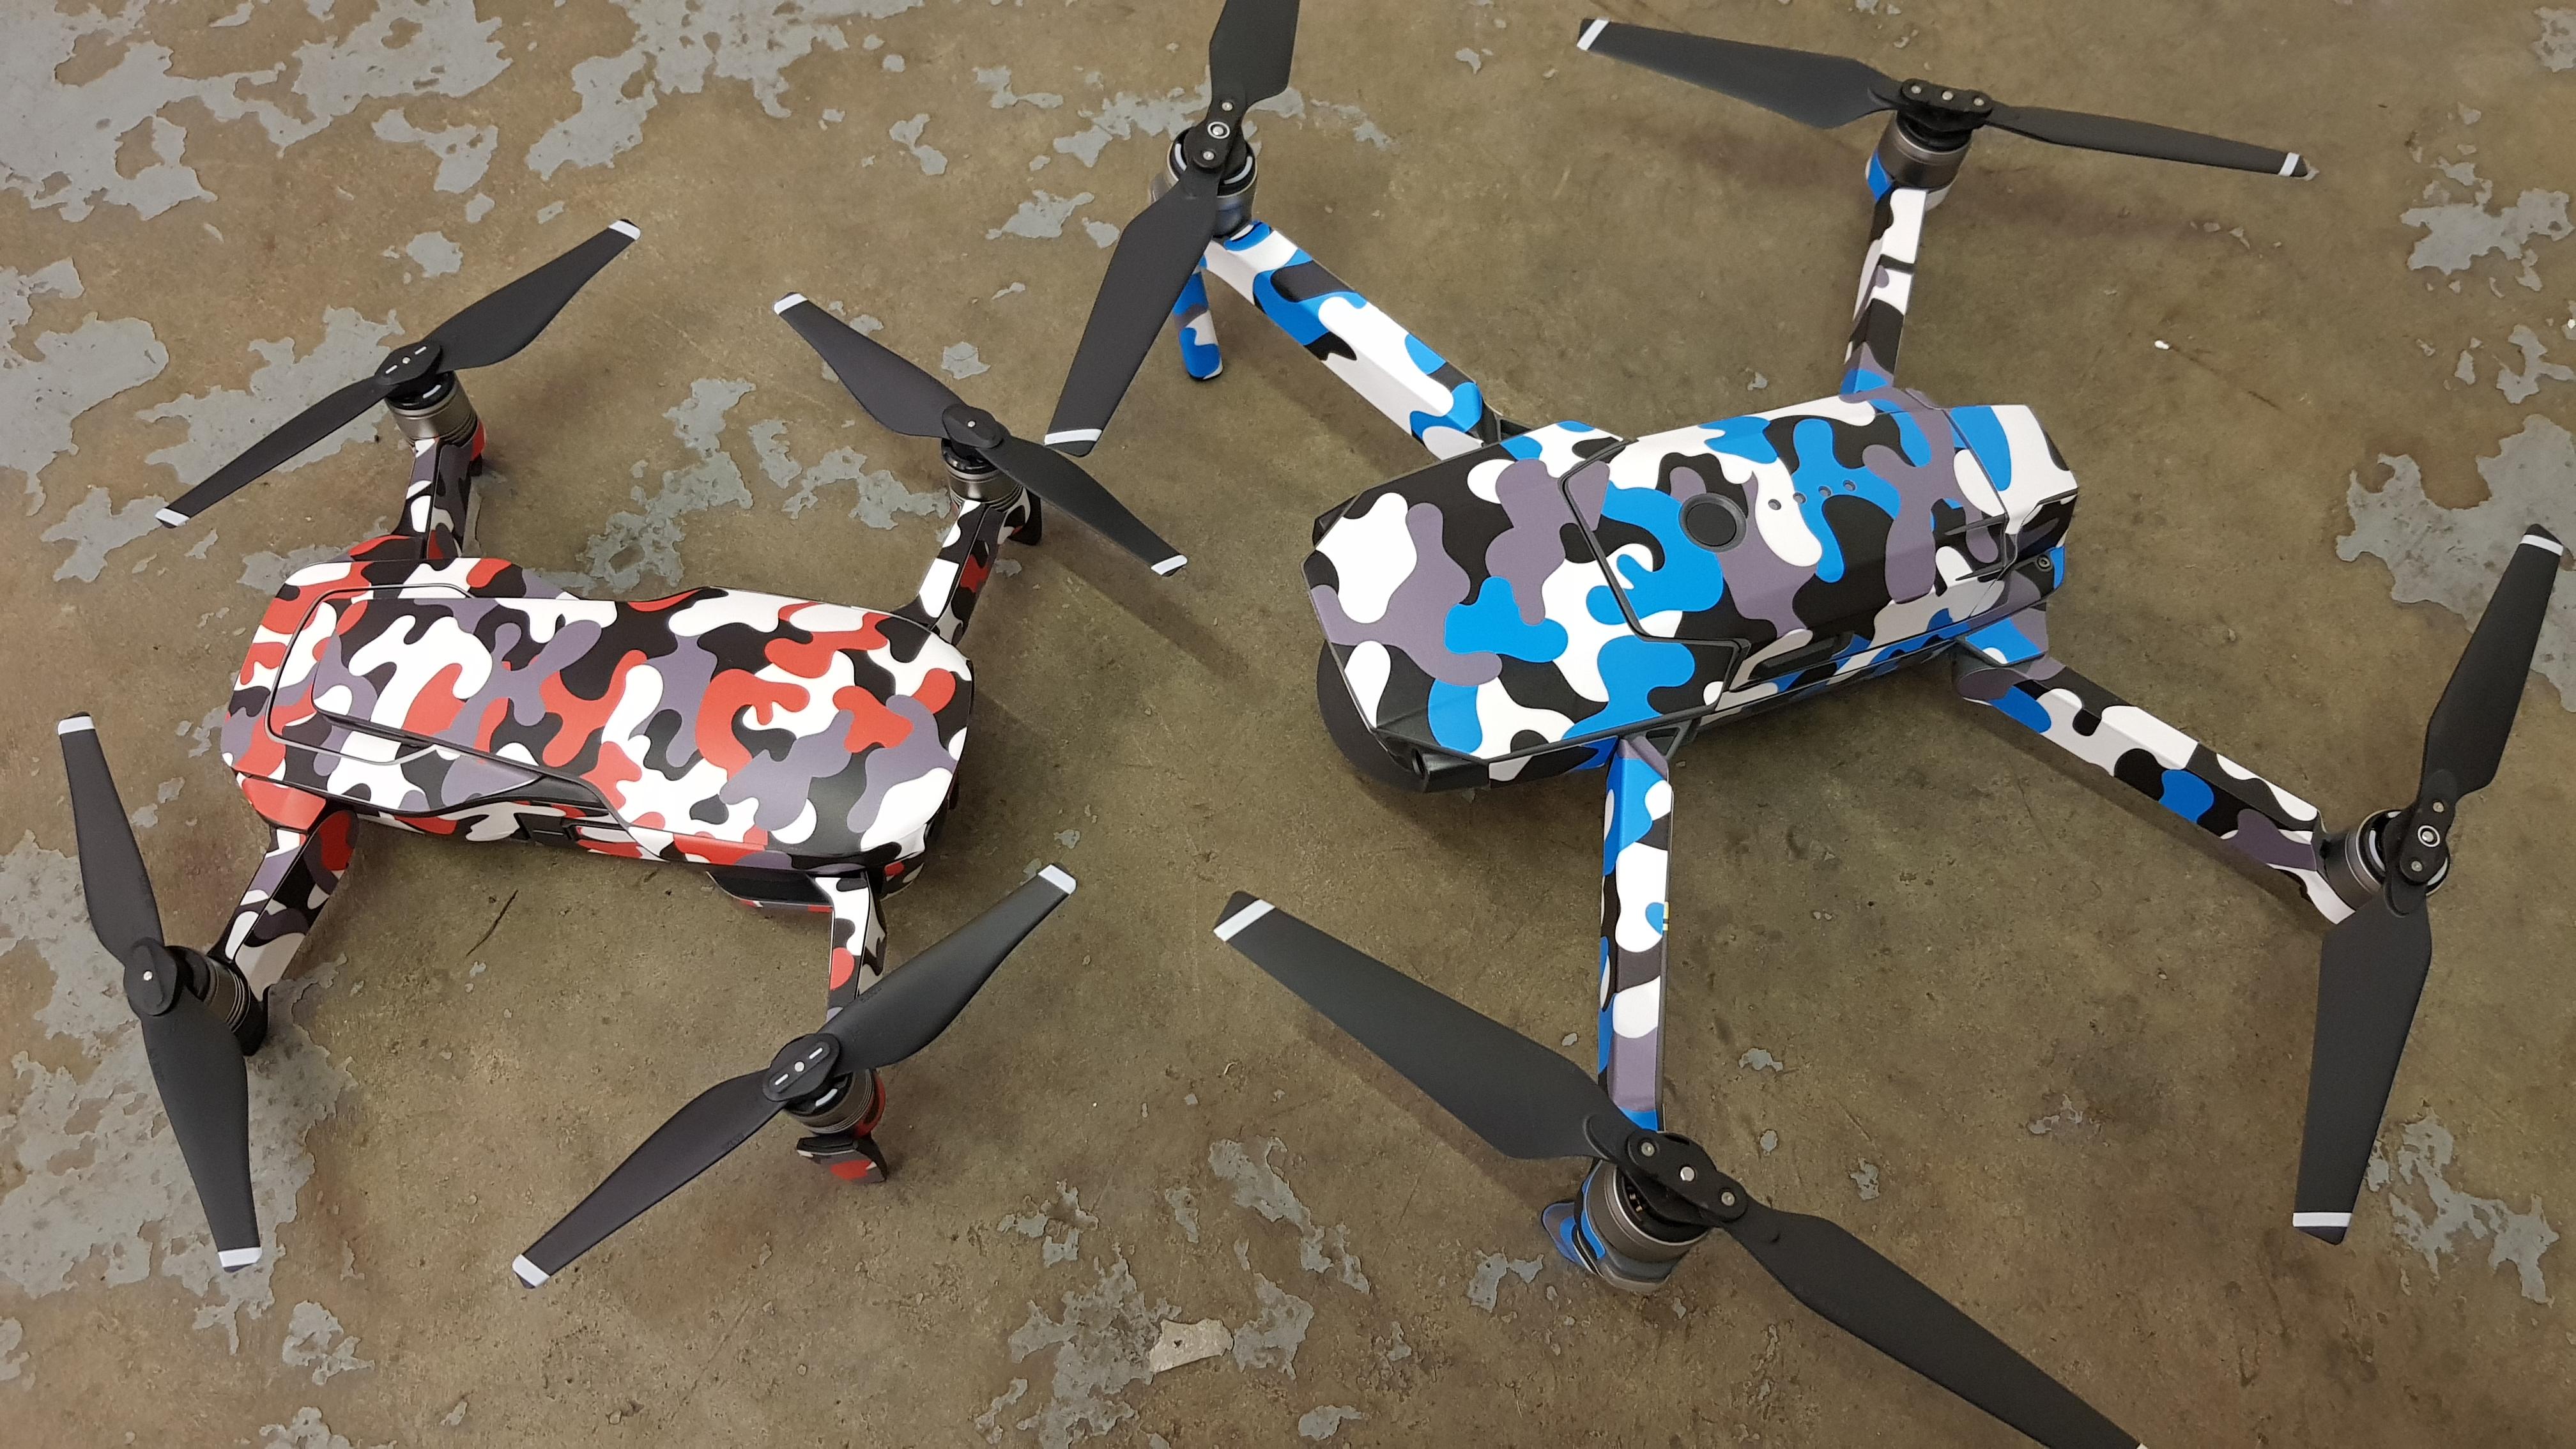 c47055905a6 DJI Mavic Urban Camouflage Twist Red wrap - Drone Wrapz